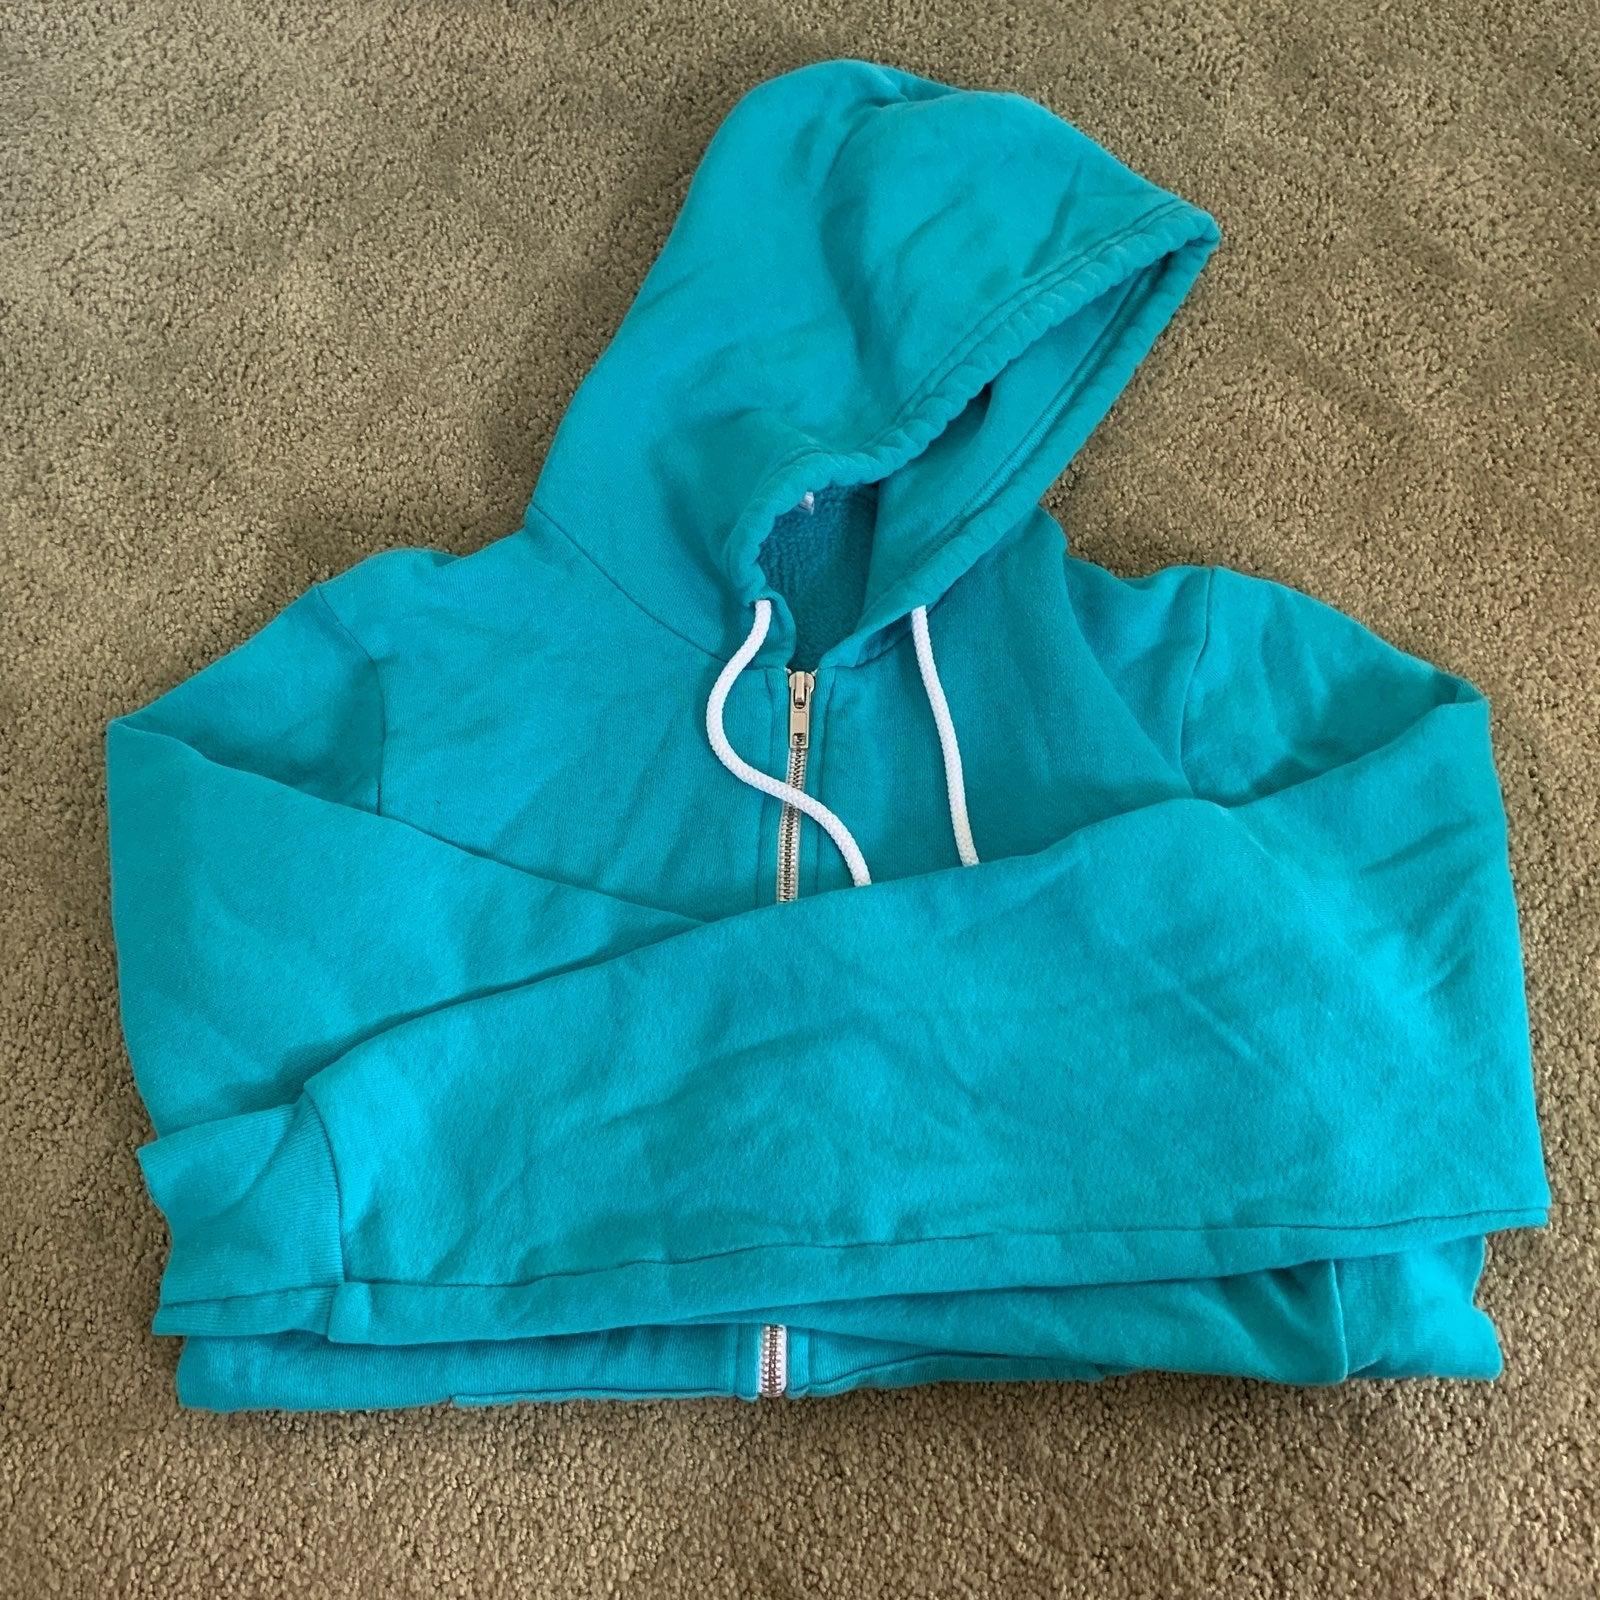 Teal basic zip up hoodie